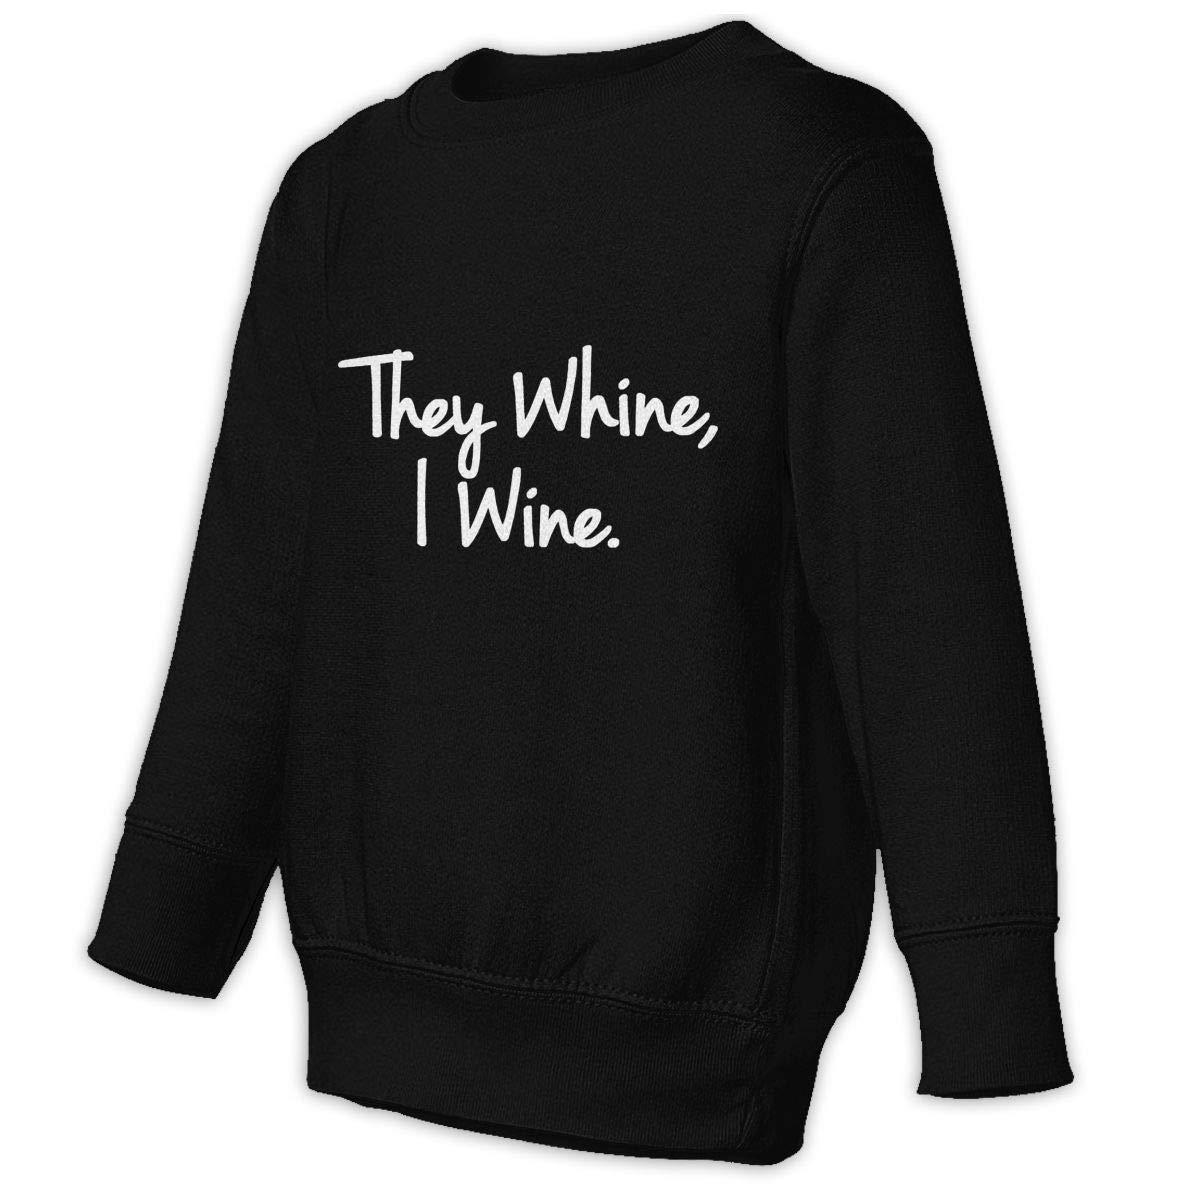 GHYNJUM They Whine I Wine Juvenile Unisex Cotton Long Sleeve Round Neck Sweatshirt